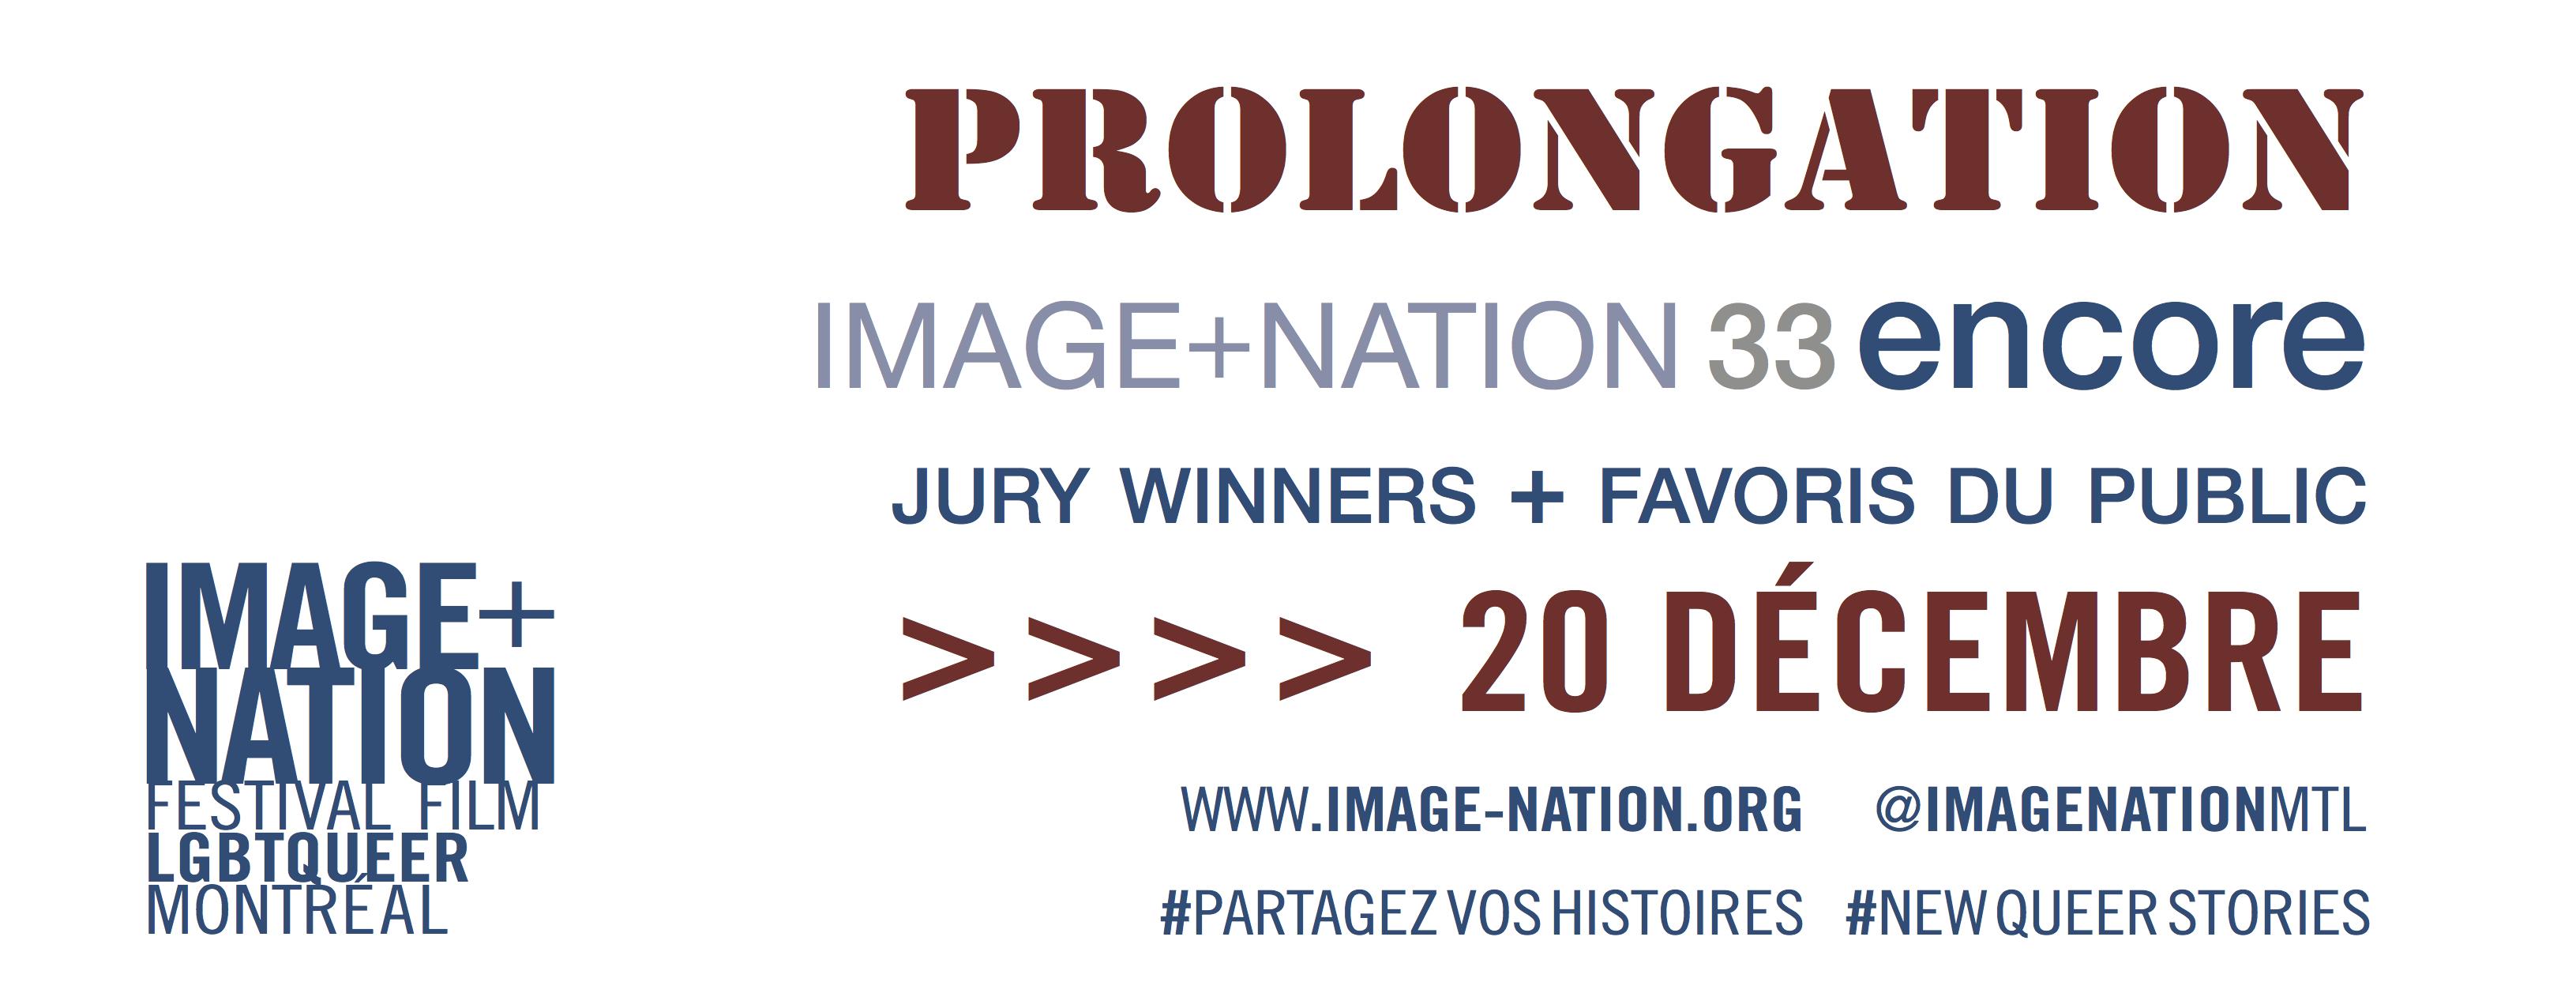 IMAGE+NATION 33 ENCORE / films primés et favoris du festival